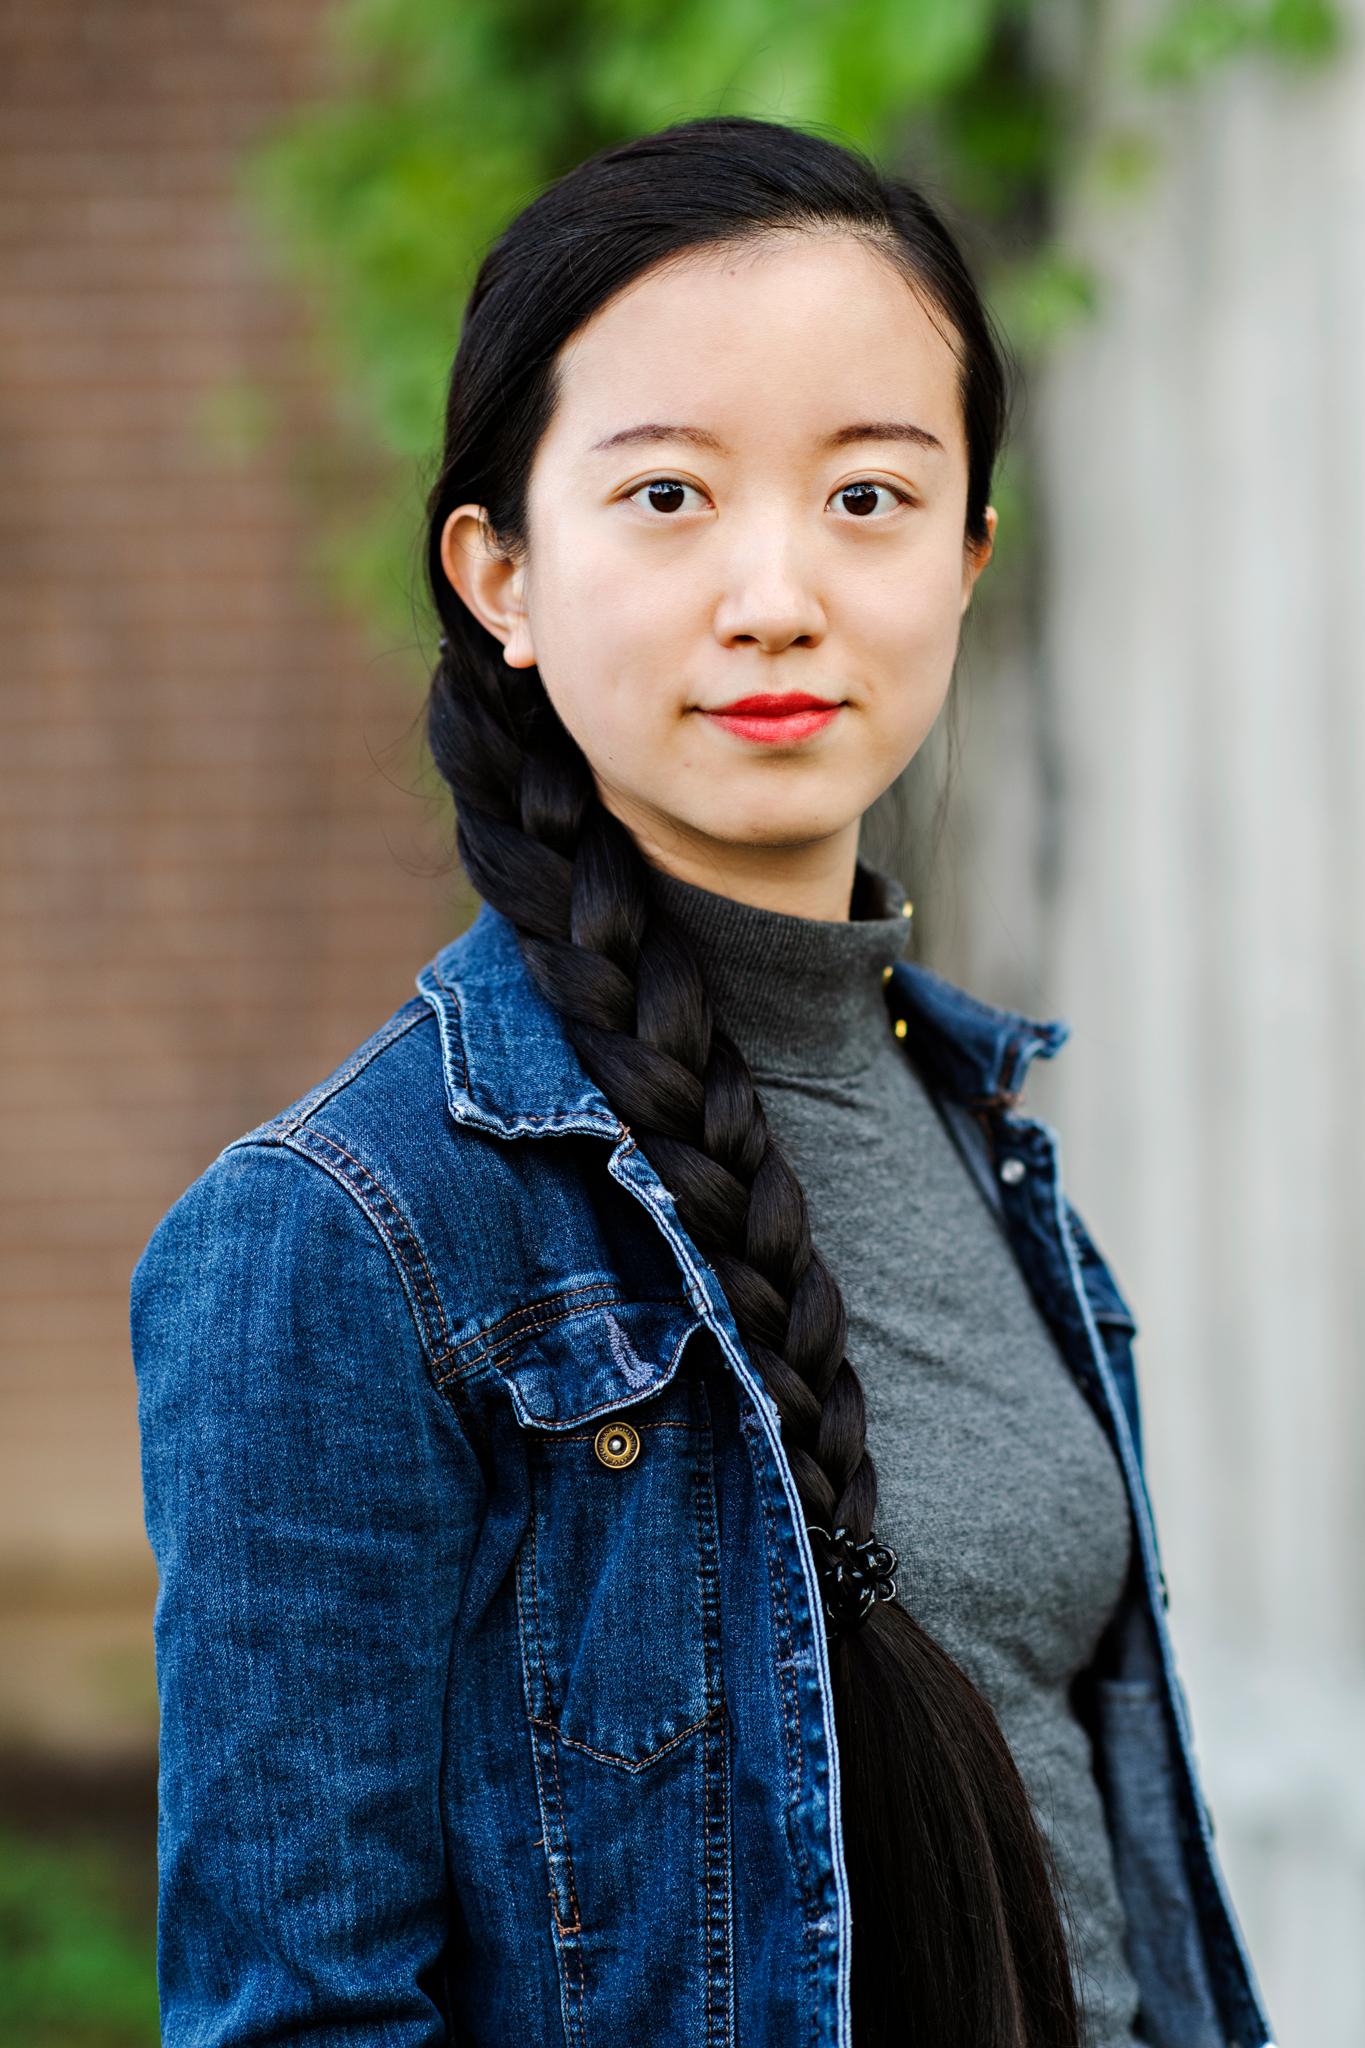 Jiaxin Guo